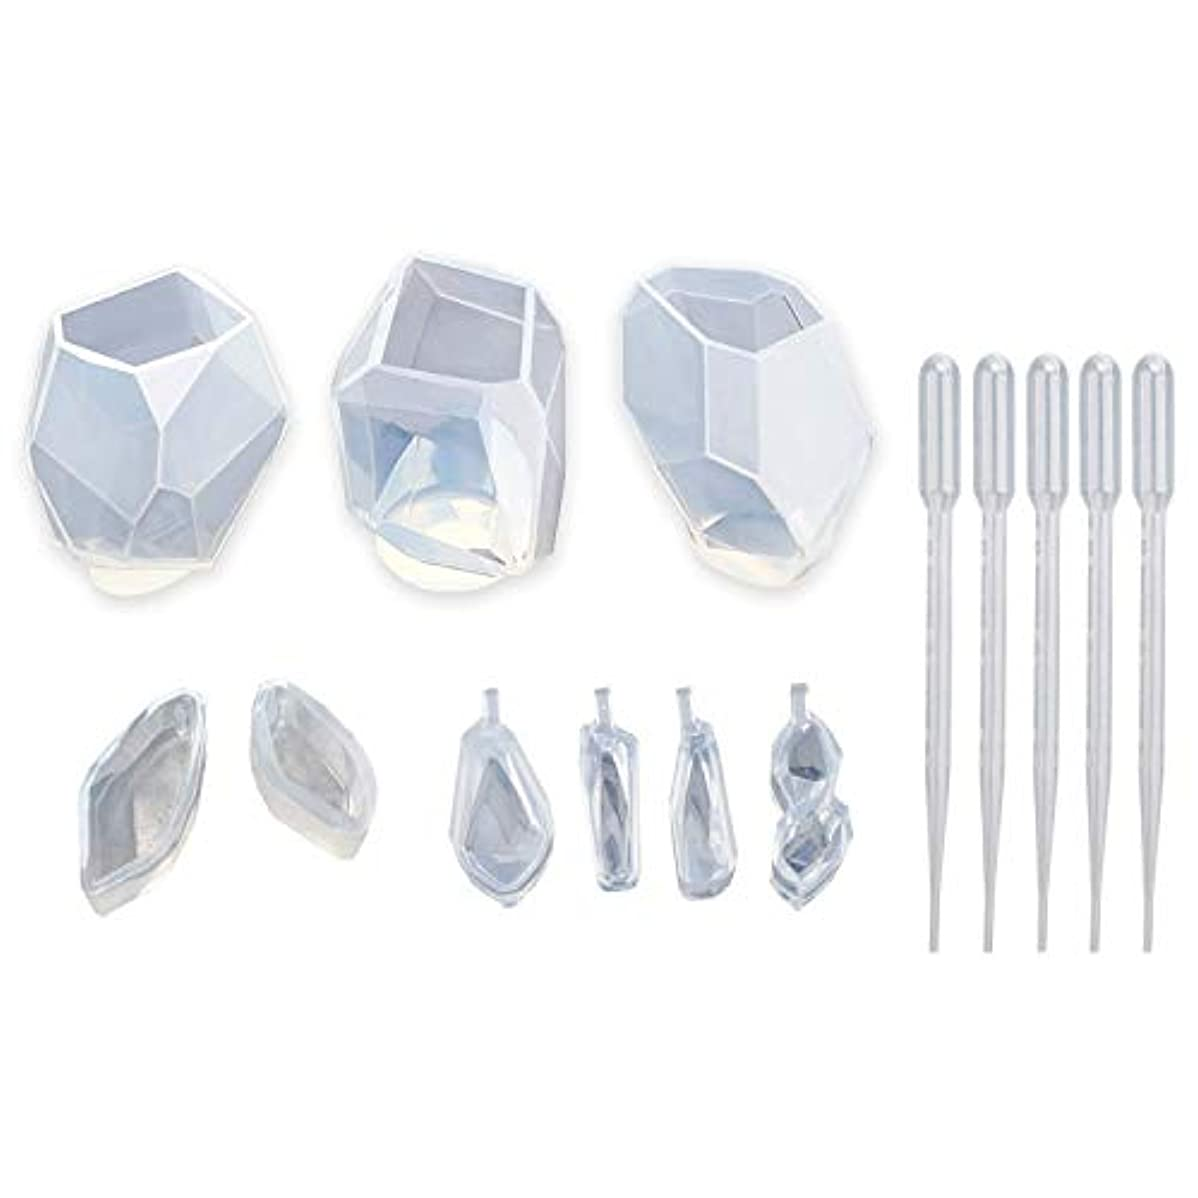 フレア温度計毎月RETYLY 樹脂用シリコーンモールド 9個樹脂モールド 水晶石形状樹脂ジュエリーモールド ジュエリー鋳造モールド 宝石類ネックレス/蝋燭/石鹸作り用 家装飾品